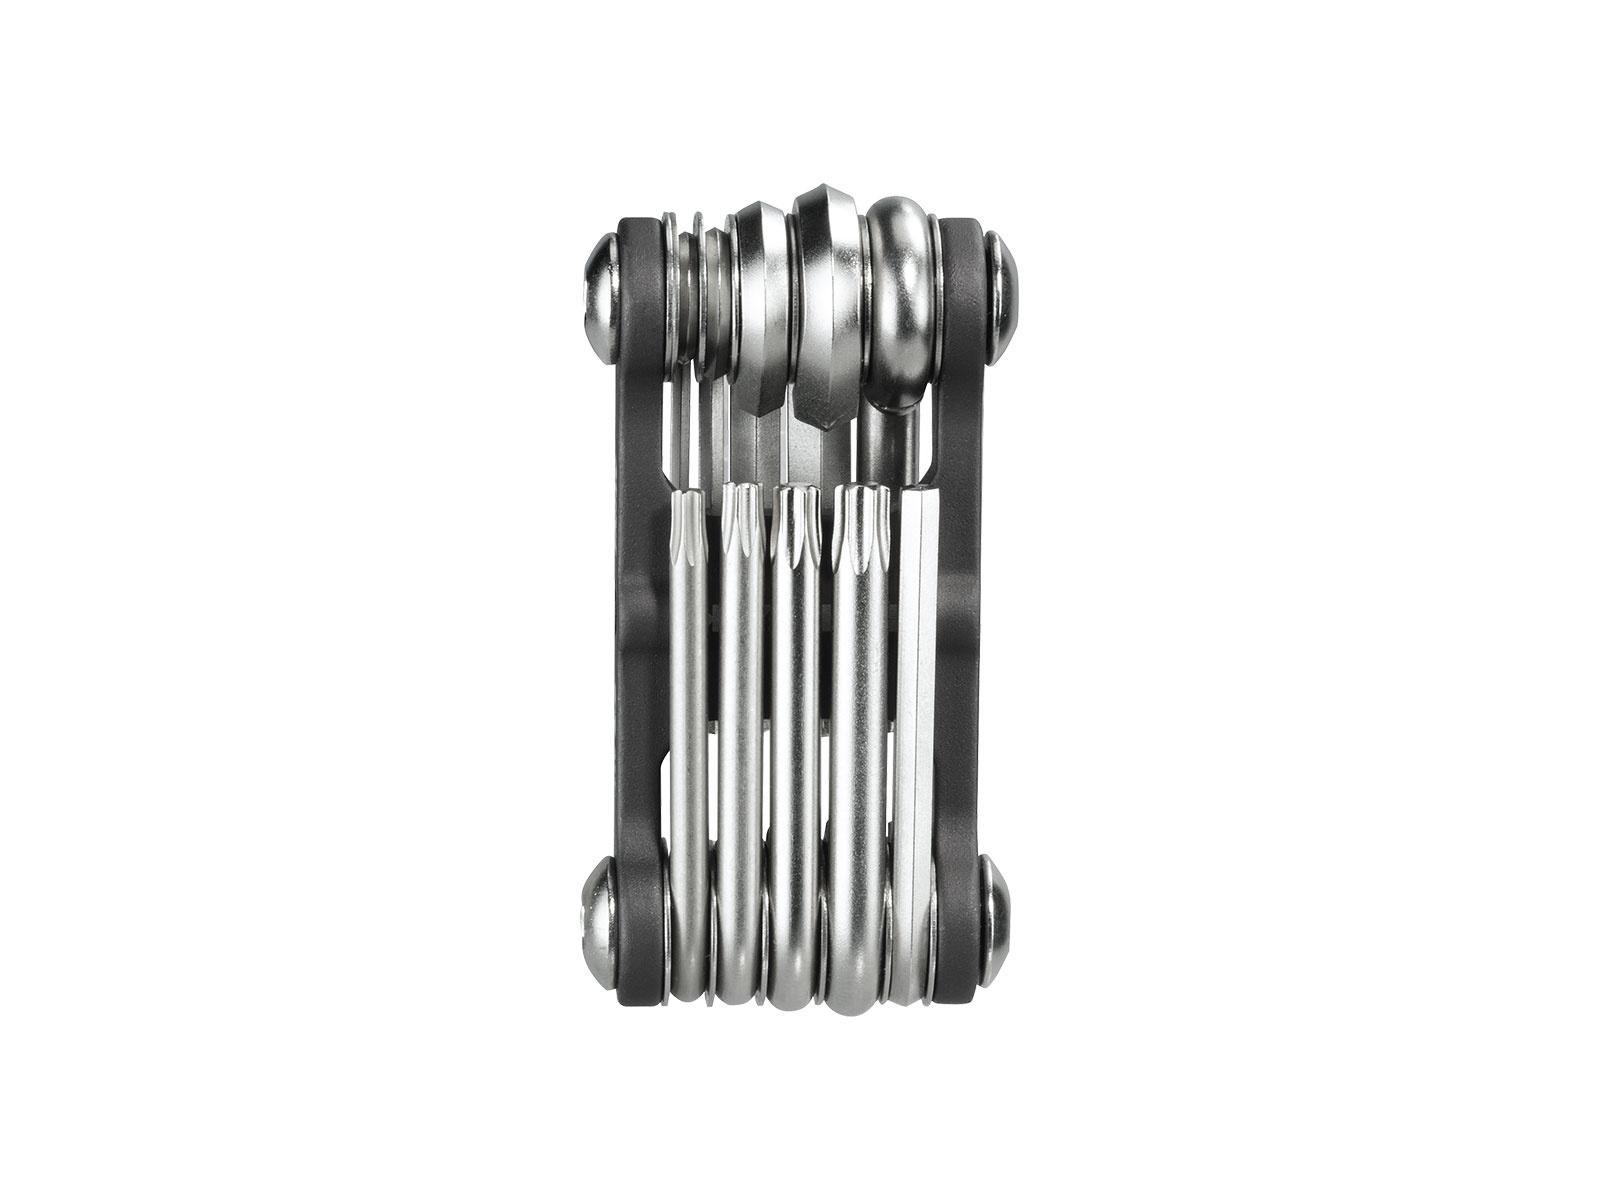 Topeak Mini 10 Multi-Tool-1